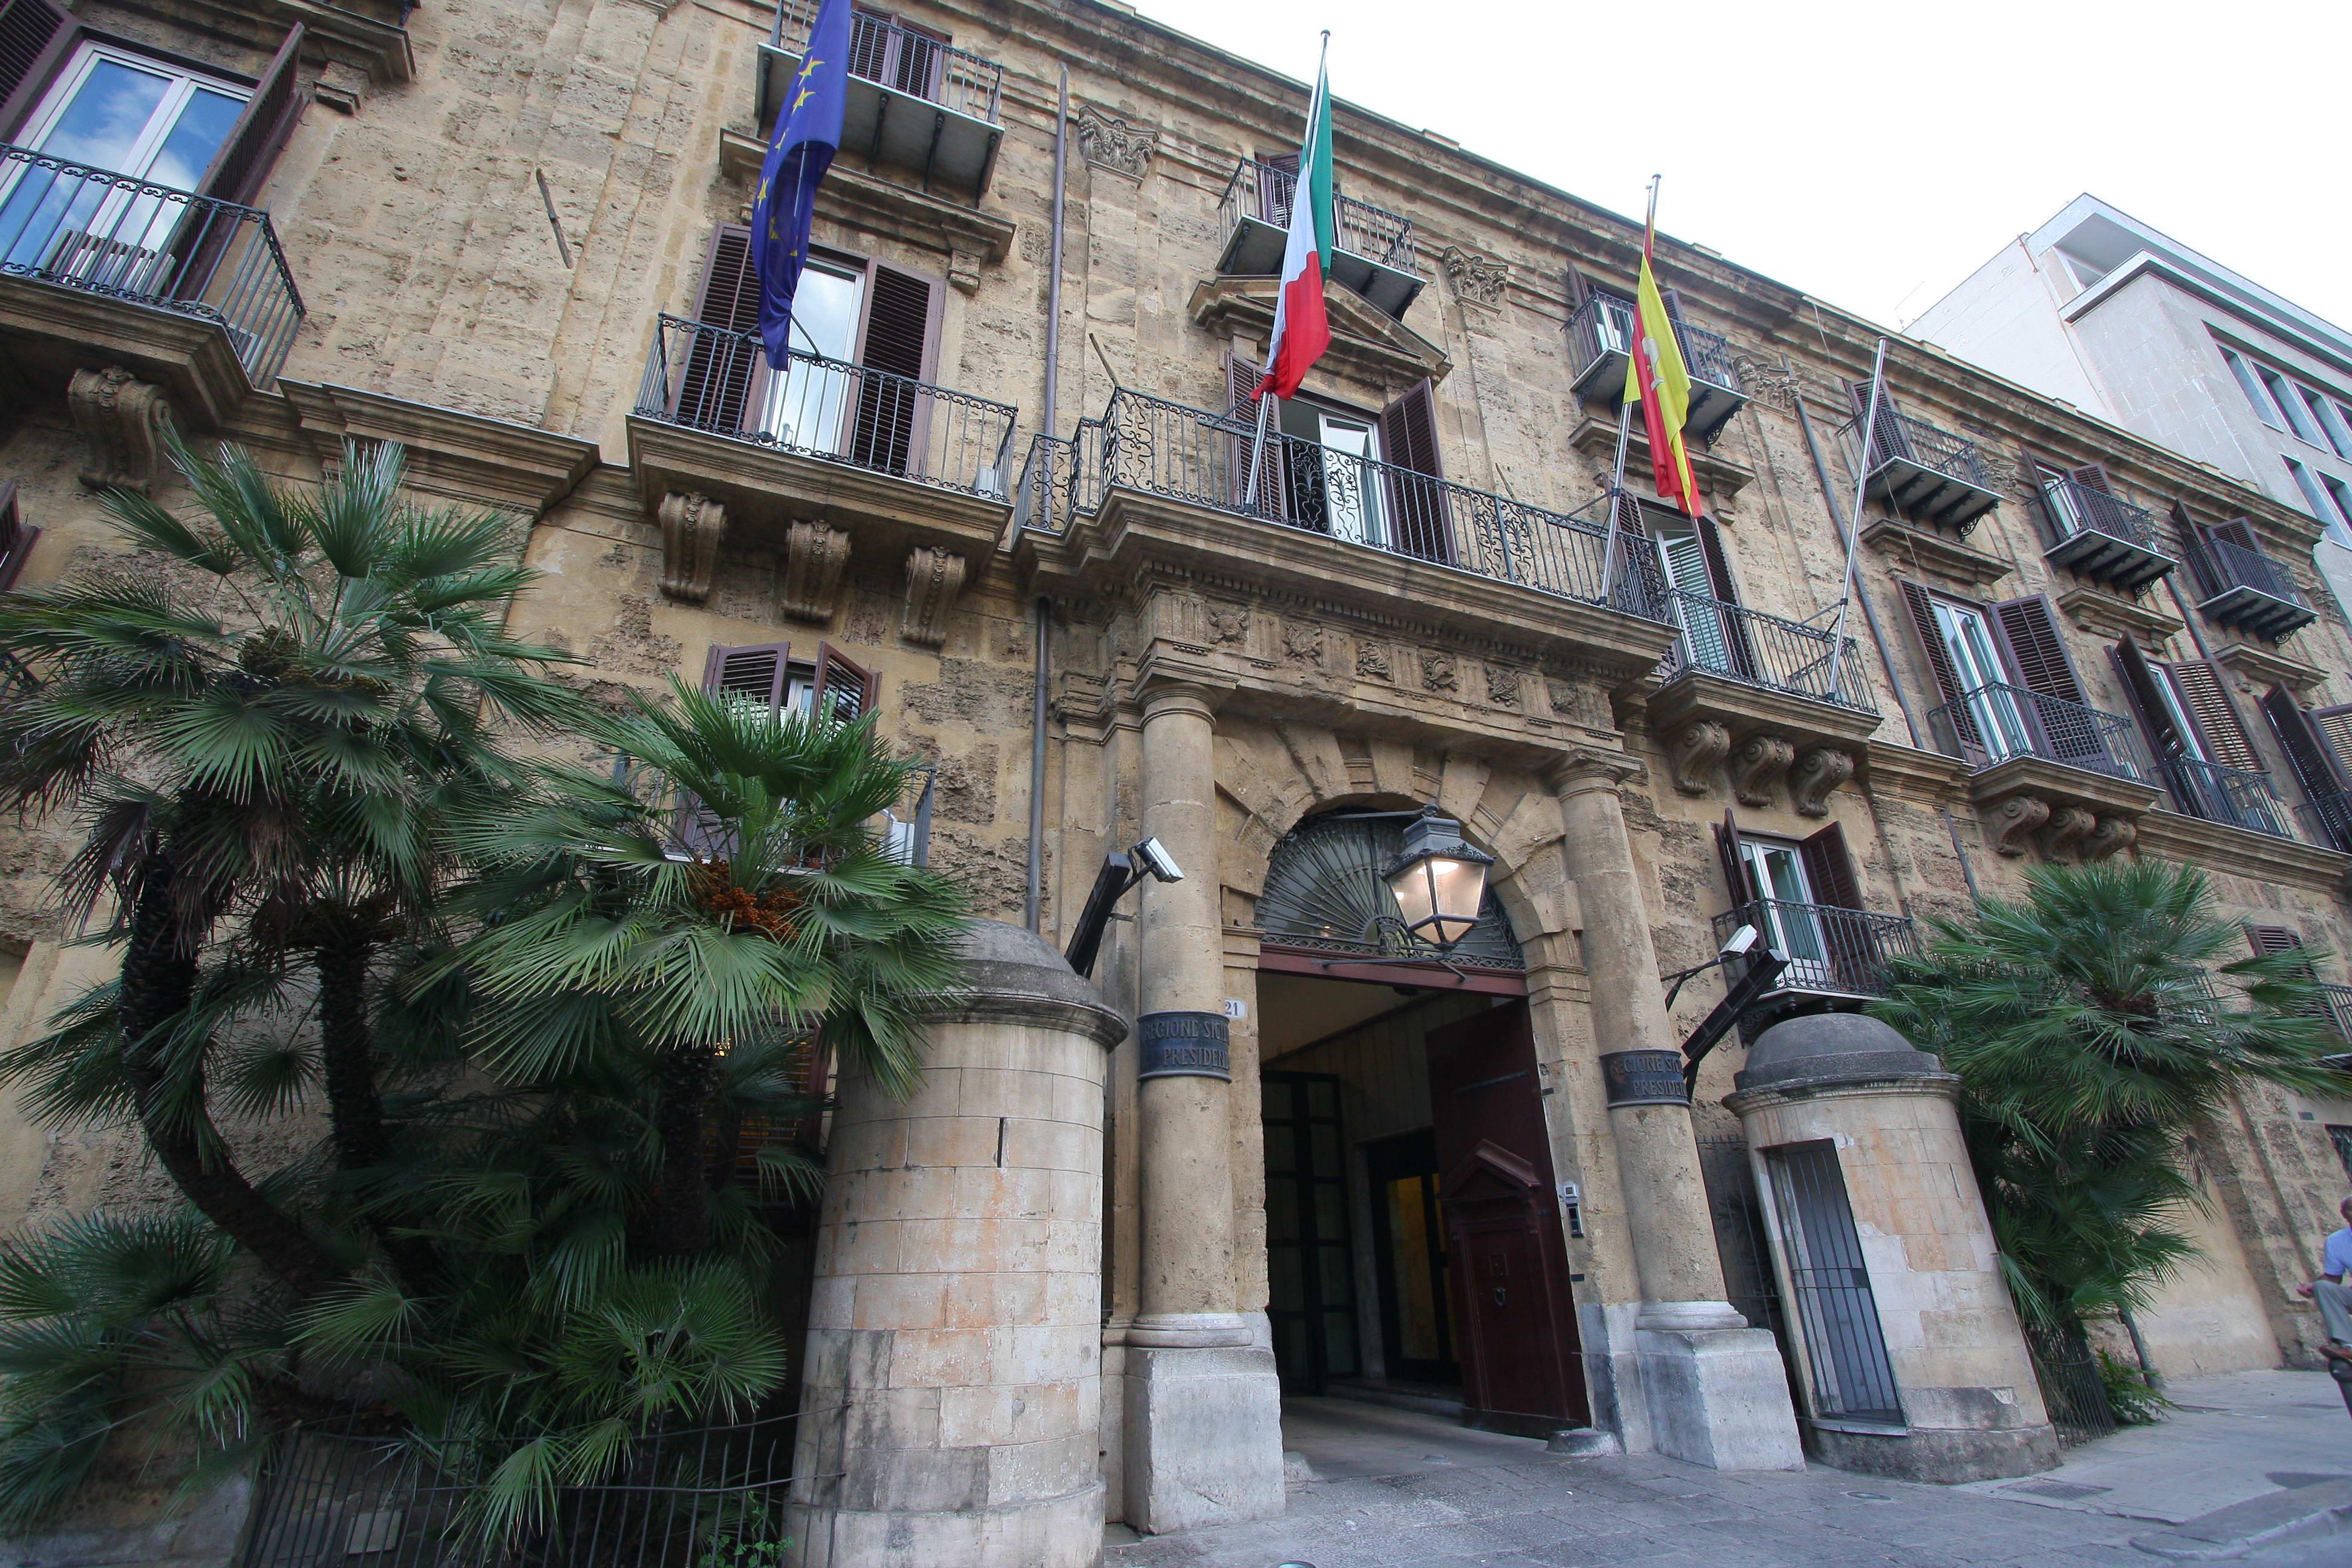 Ritardi nella Cassa integrazione in Sicilia: i responsabili sono a Roma e nel Governo regionale